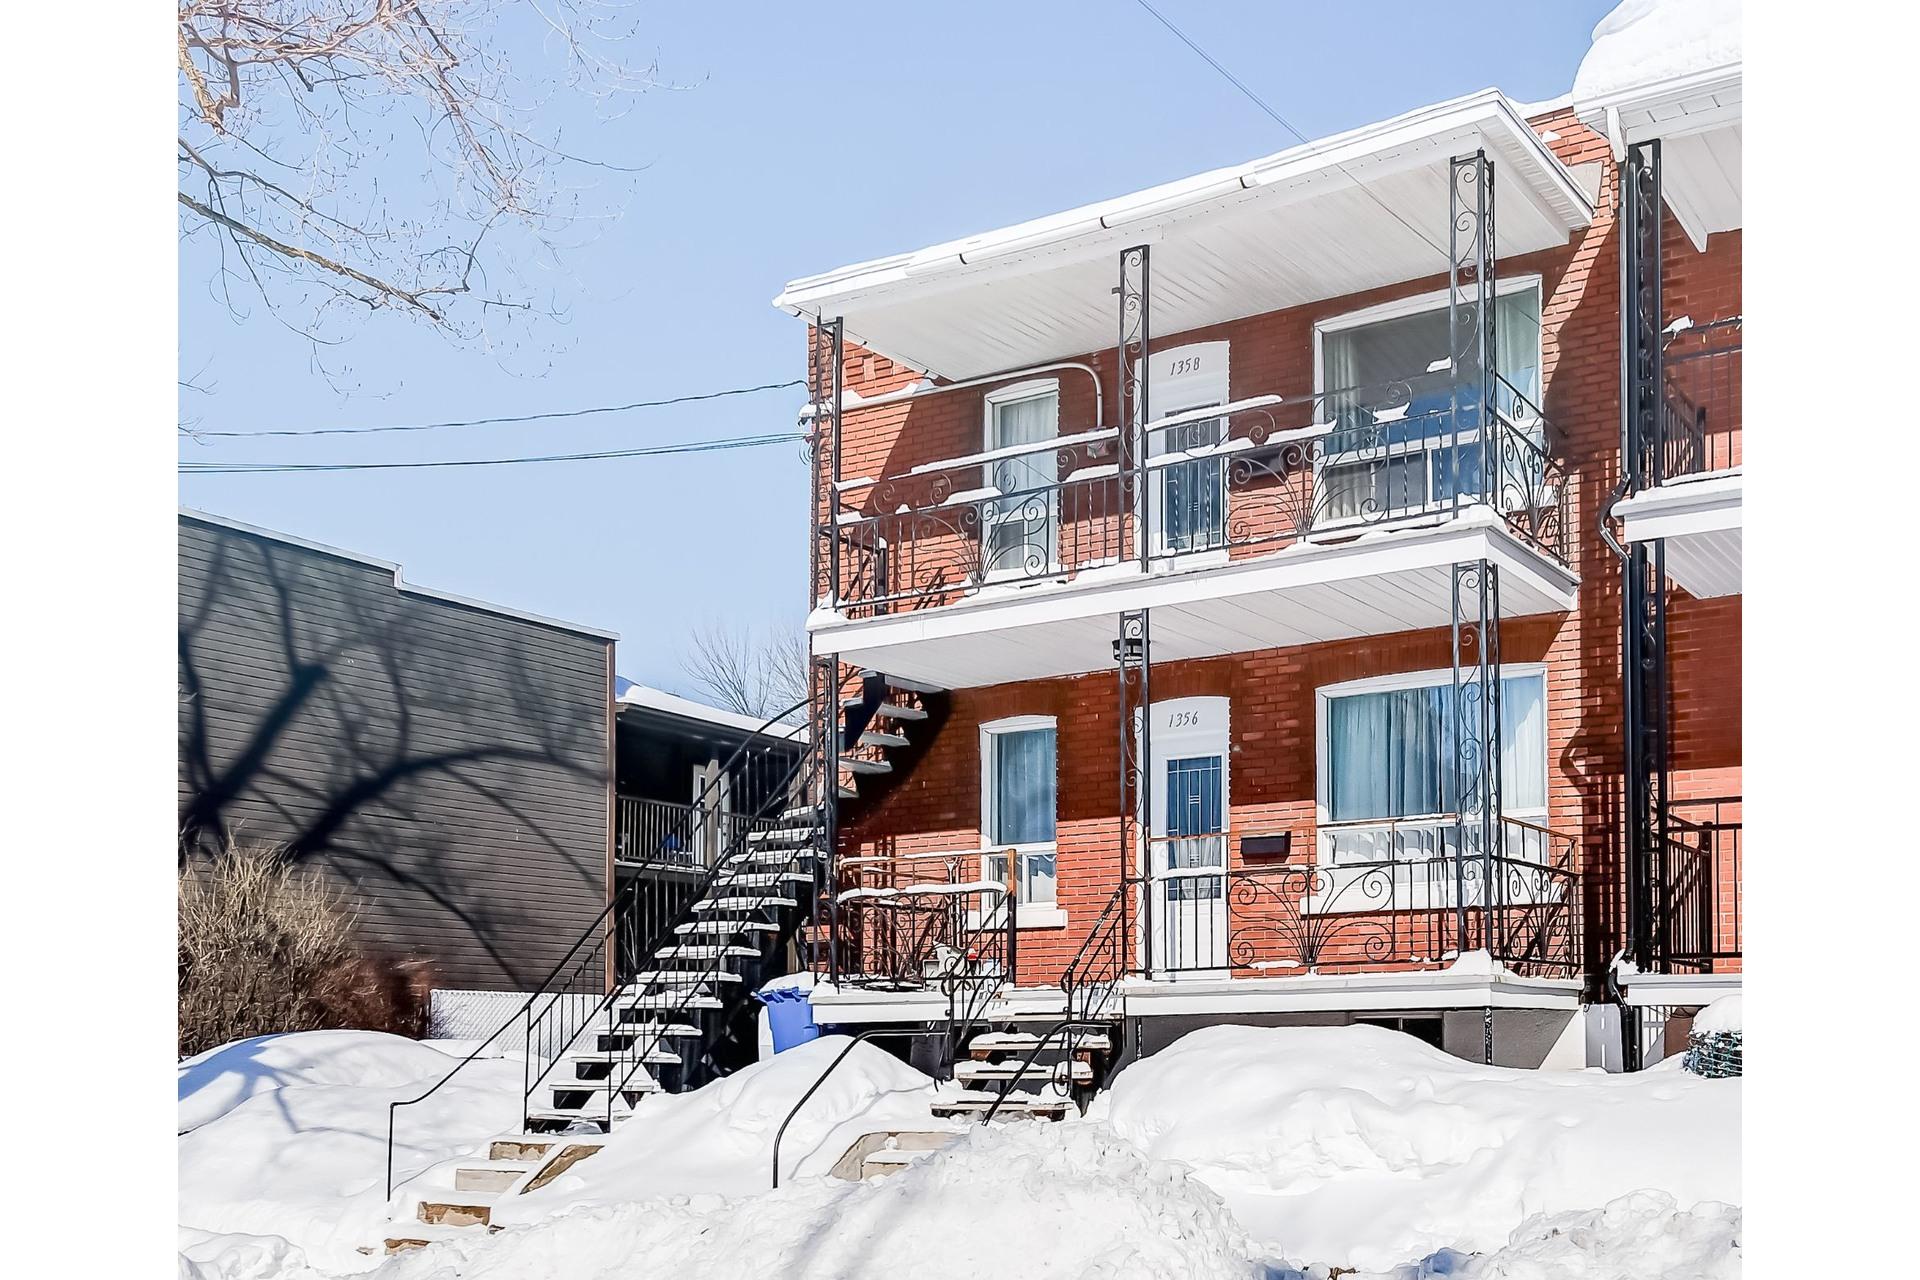 image 27 - Duplex À vendre Trois-Rivières - 3 pièces